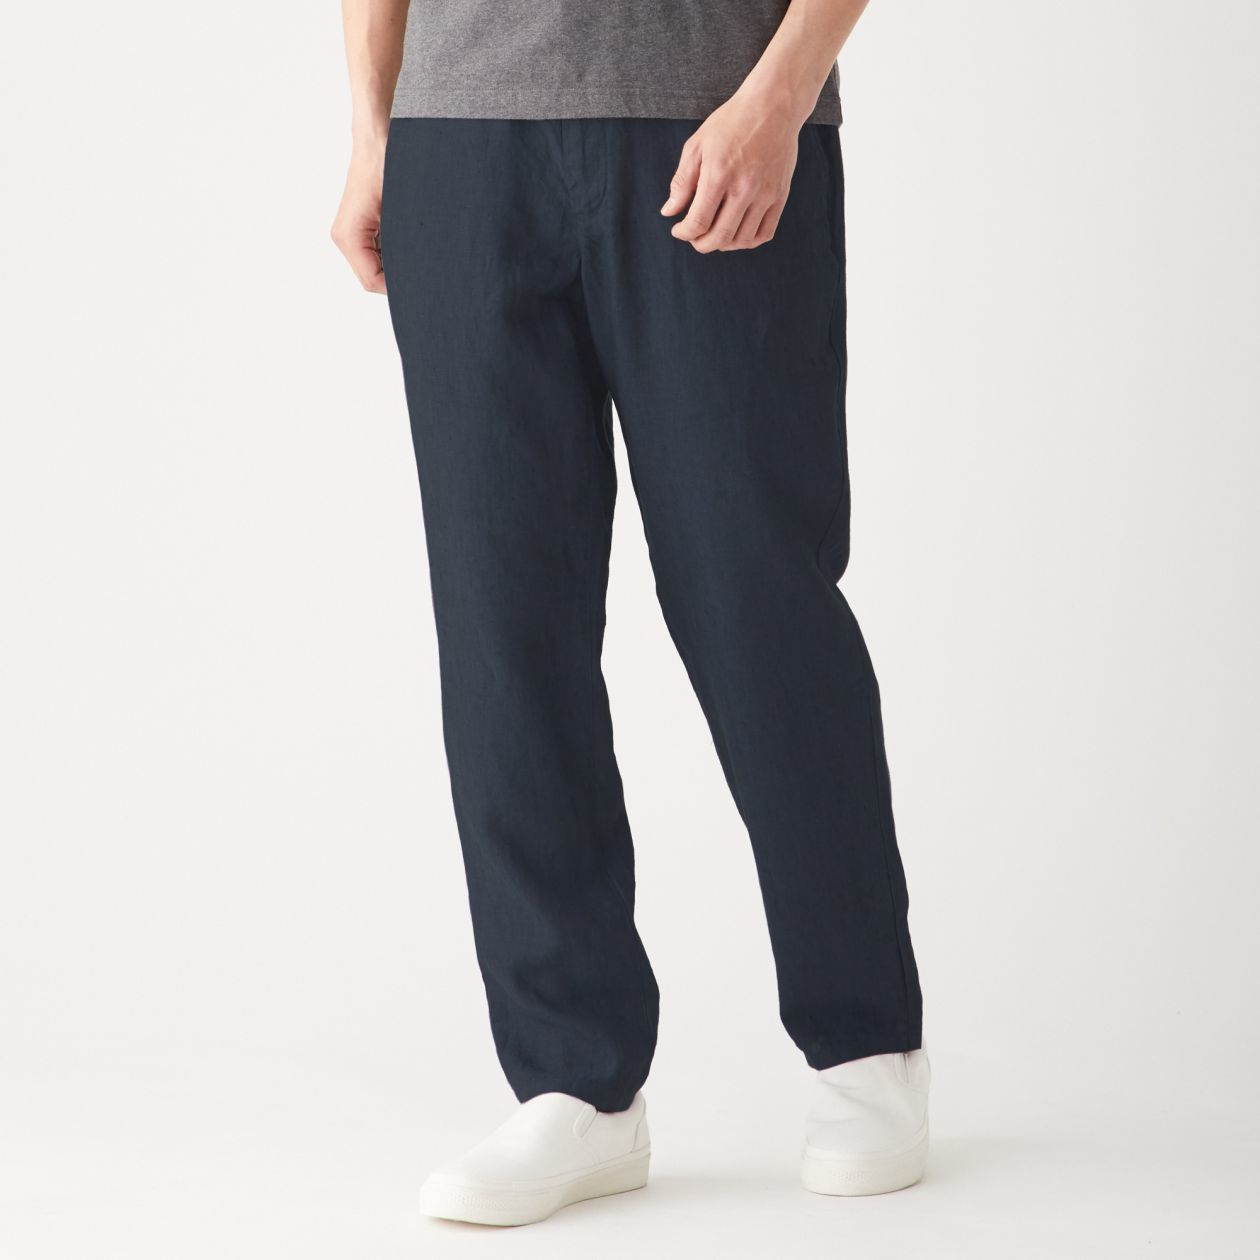 MUJI無印良品男法國亞麻長褲,從原價1,590元調降為1,390元。圖/無印良...